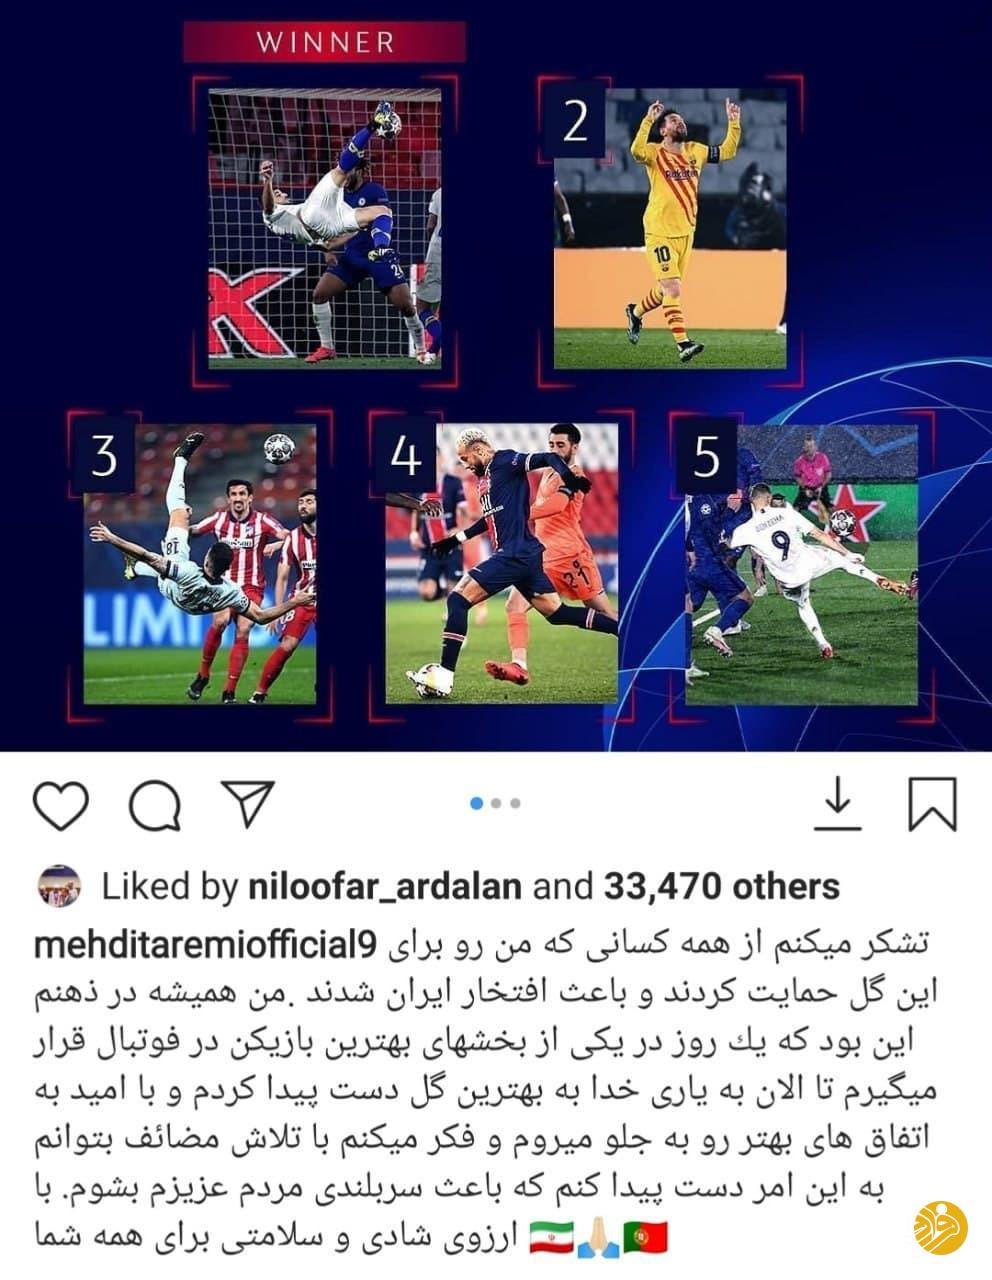 (عکس) واکنش مهدی طارمی به تازهترین افتخار اروپایی اش